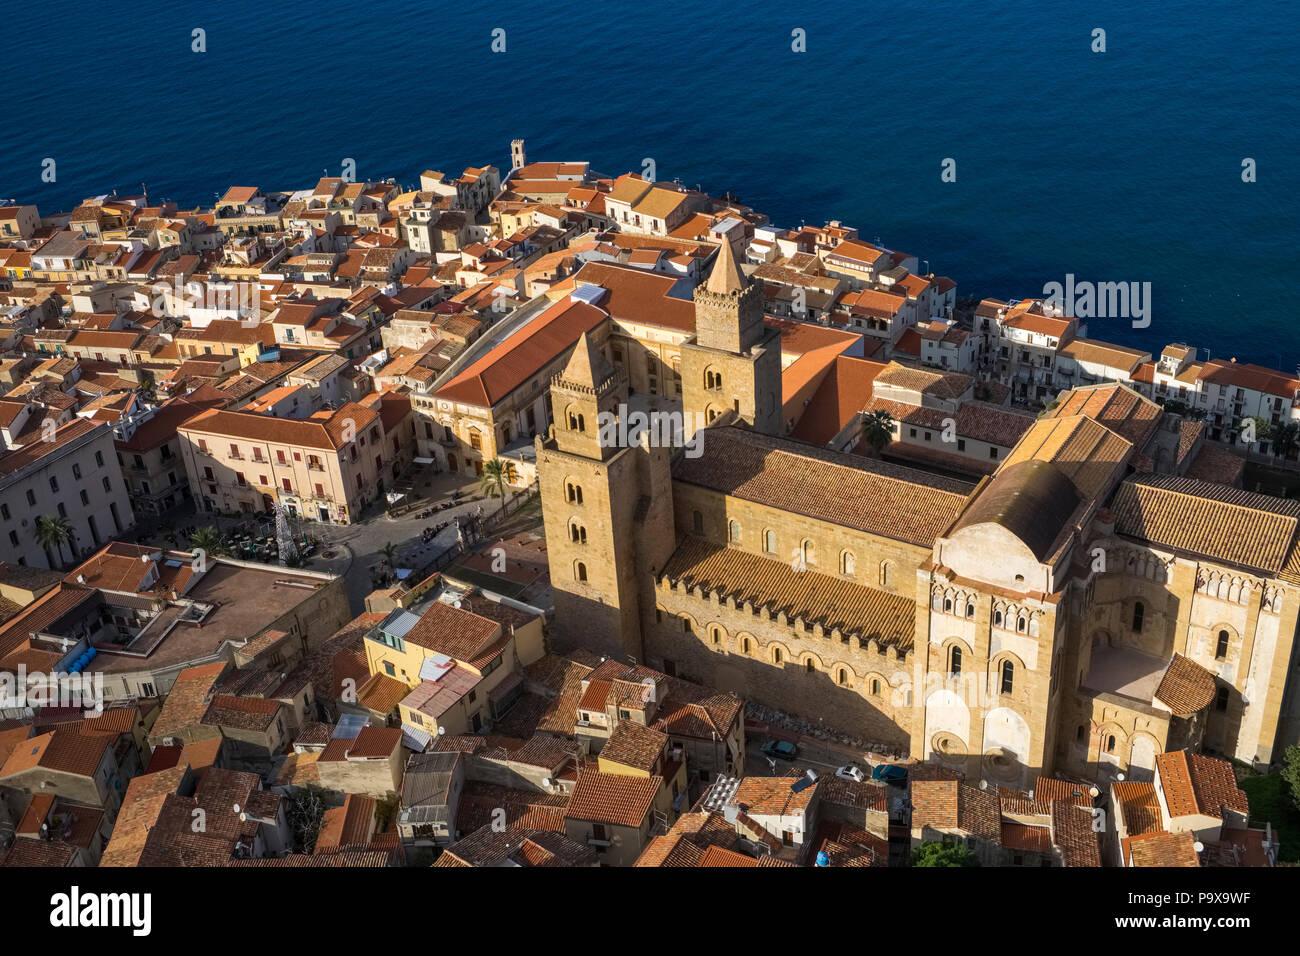 Luftaufnahme von Cefalu Dom und die roten Dächer Gebäude Architektur, Cefalu, Sizilien, Italien, Europa Stockbild